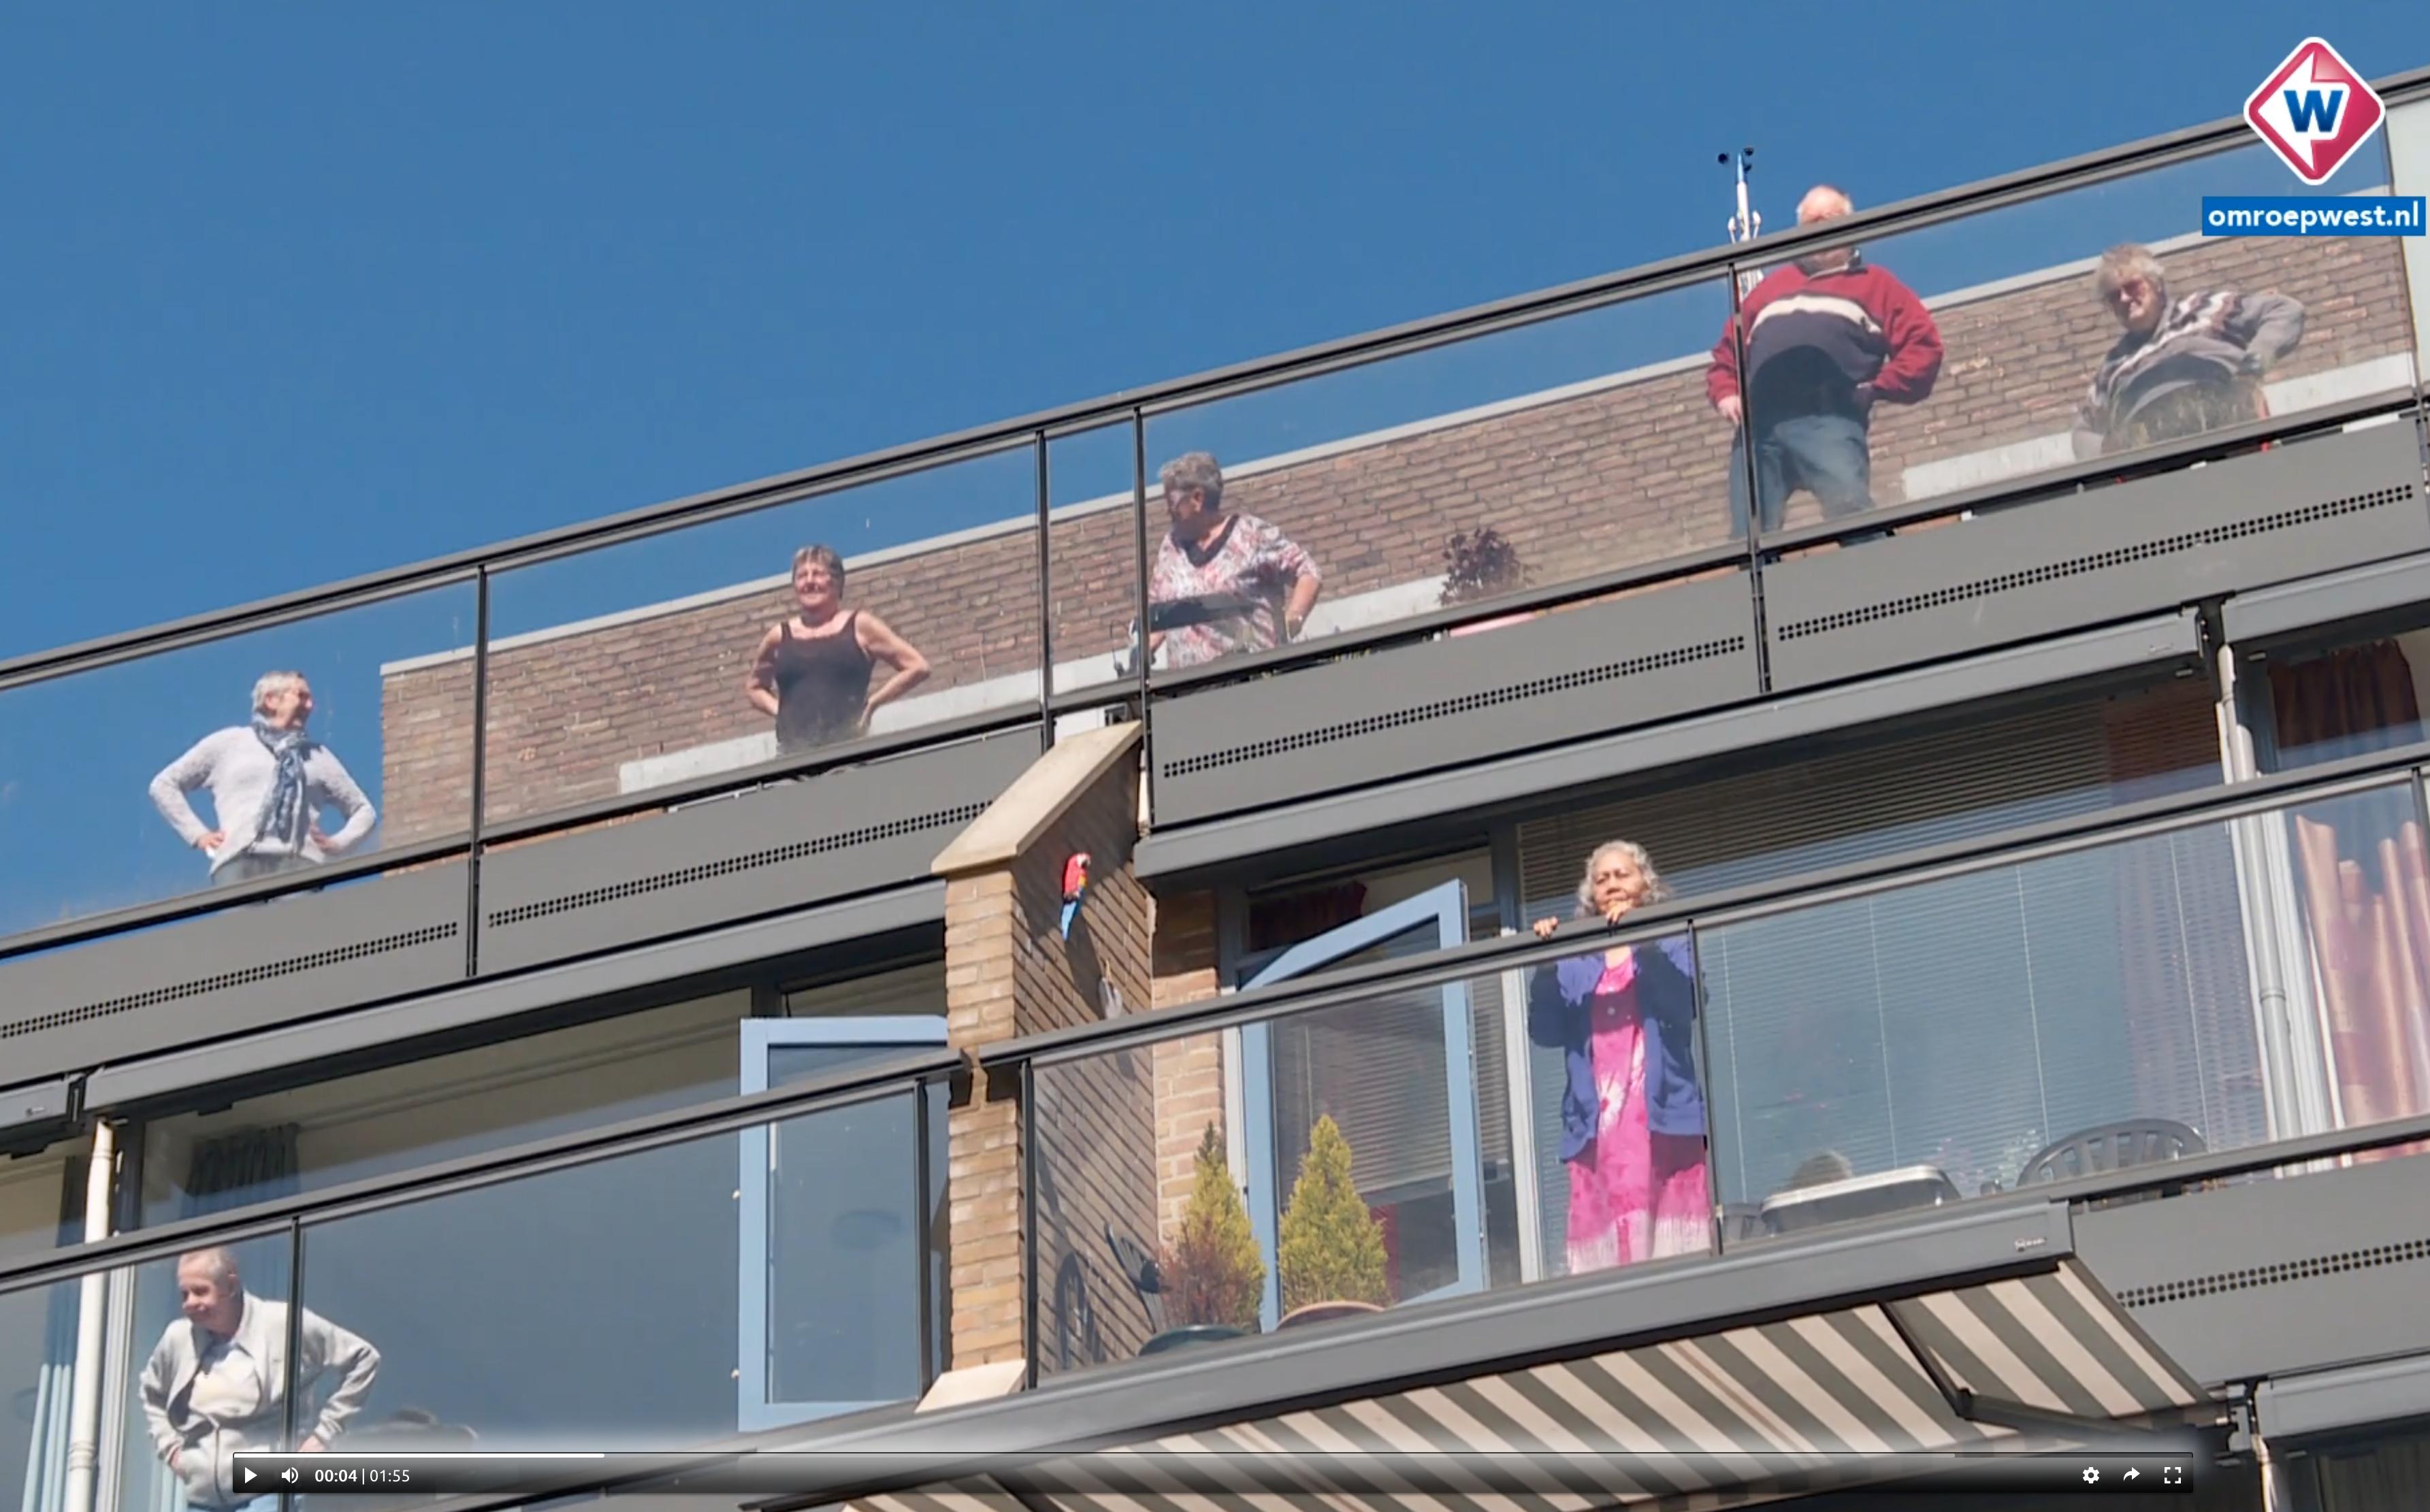 Fysiotherapie Meerzicht Zoetermeer balkon gym